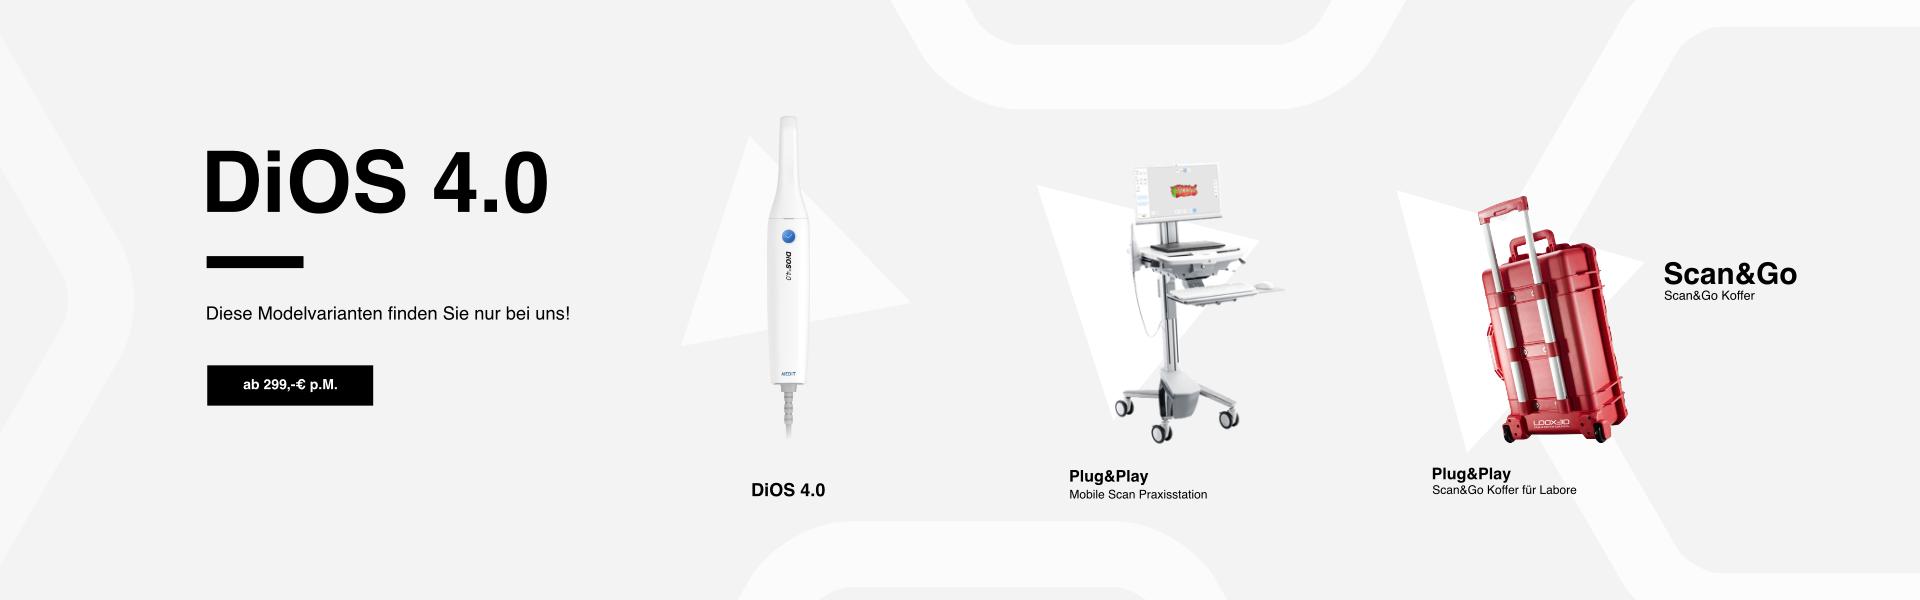 DiOS 4.0 Medit i500